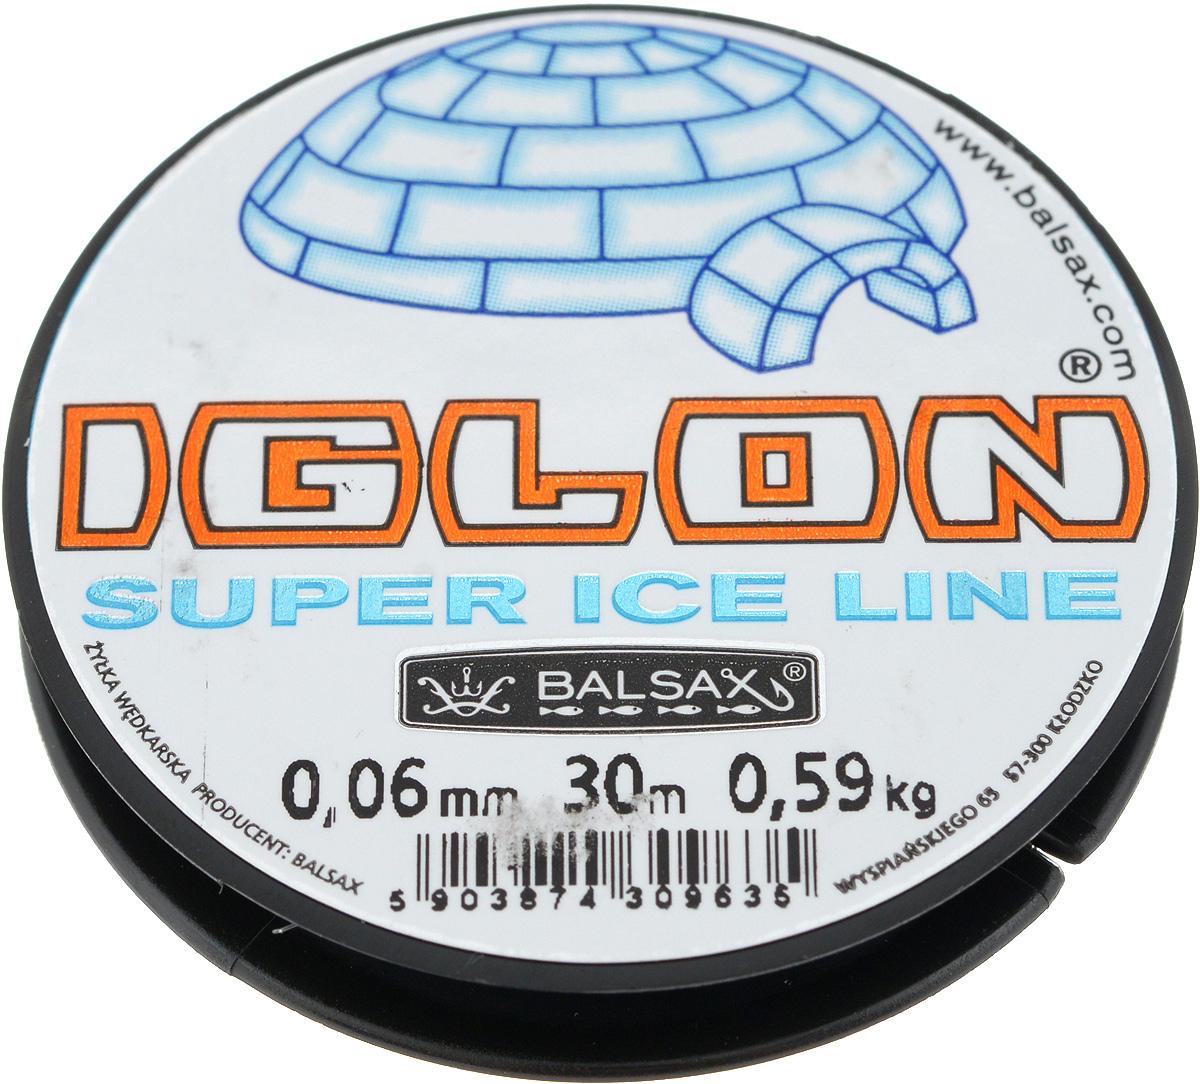 Леска зимняя Balsax Iglon, 30 м, 0,06 мм, 0,59 кг03/1/12Леска Balsax Iglon изготовлена из 100% нейлона и очень хорошо выдерживает низкие температуры. Даже в самом холодном климате, при температуре вплоть до -40°C, она сохраняет свои свойства практически без изменений, в то время как традиционные лески становятся менее эластичными и теряют прочность.Поверхность лески обработана таким образом, что она не обмерзает и отлично подходит для подледного лова. Прочна в местах вязки узлов даже при минимальном диаметре.